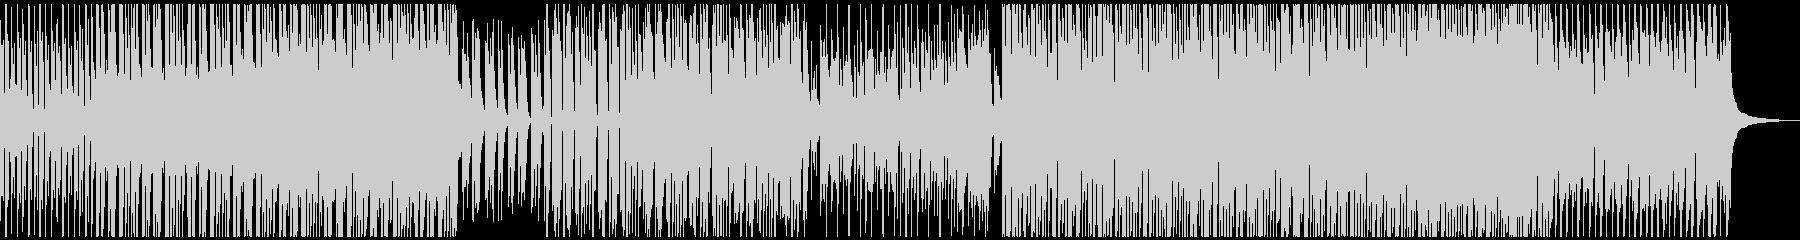 低音が効いてるフューチャーハウスの未再生の波形